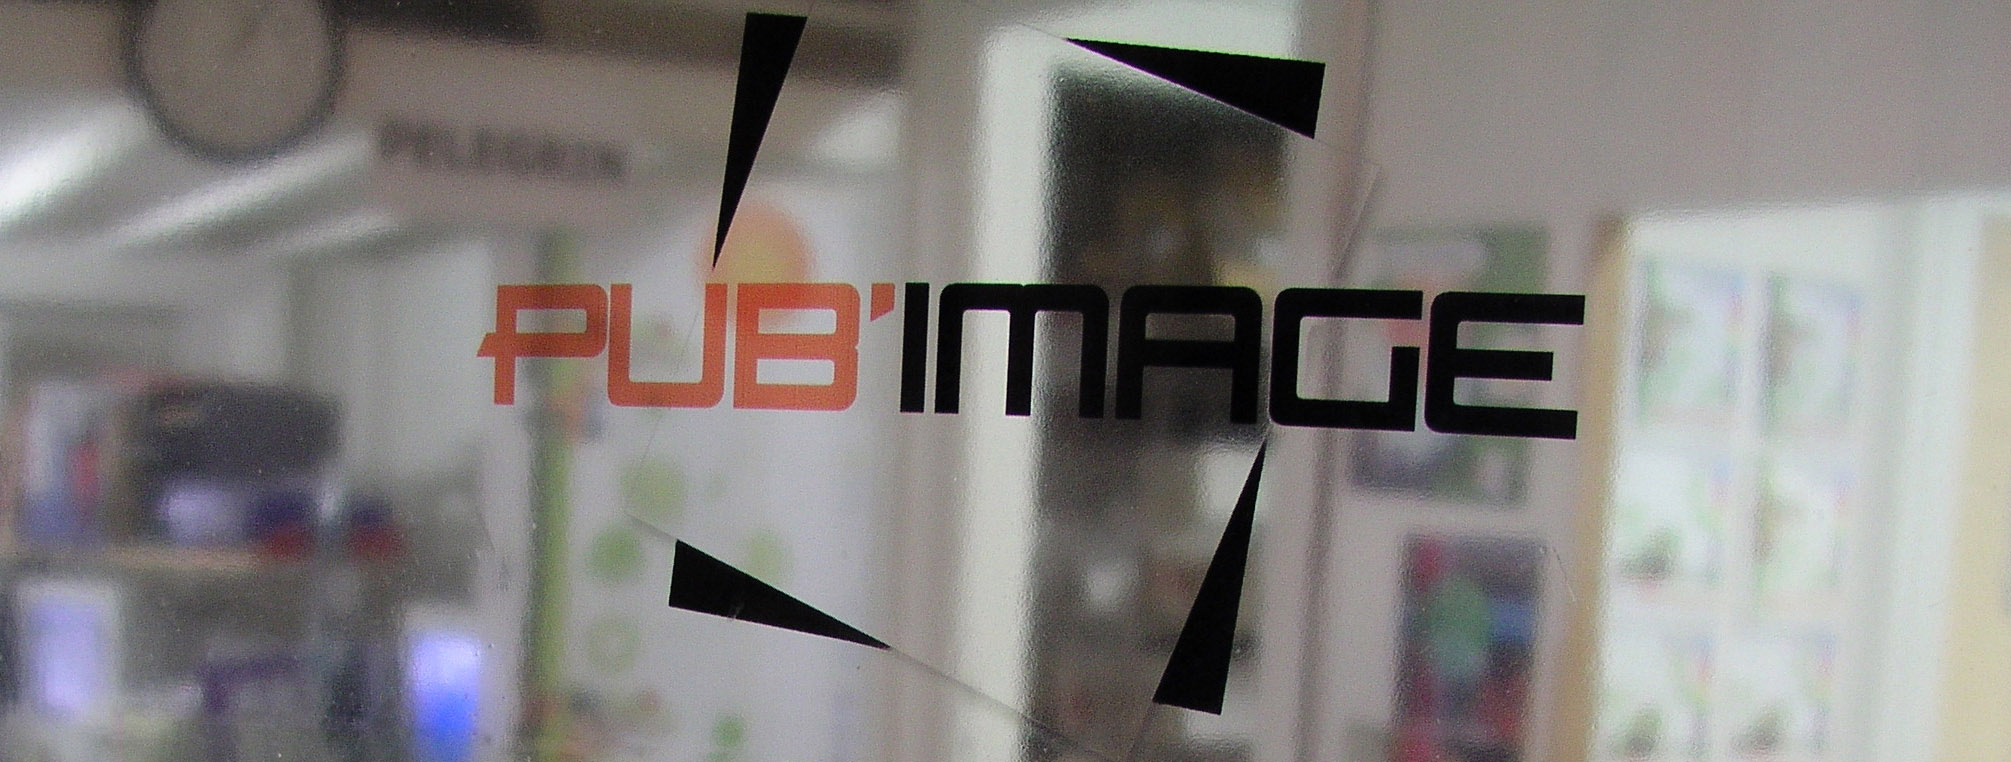 logo pubimage imprimé sur adhésif transparent